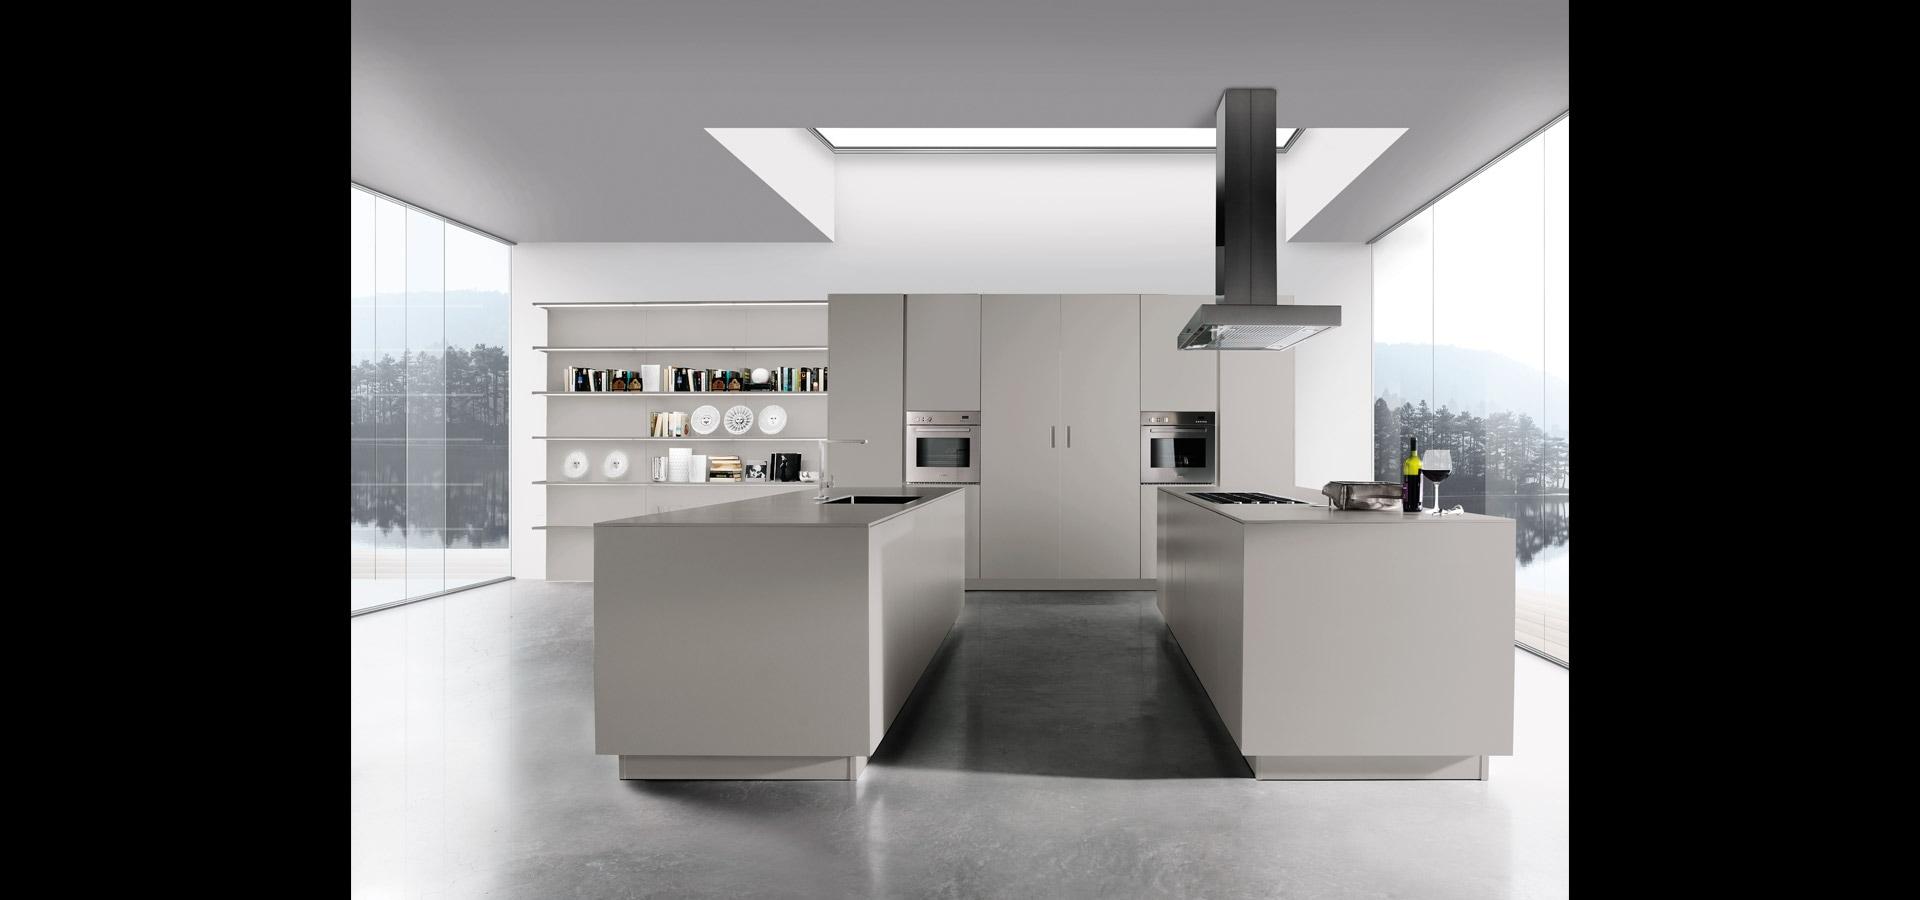 Cucina moderna essenziale | Sincro Matt | MITON Cucine